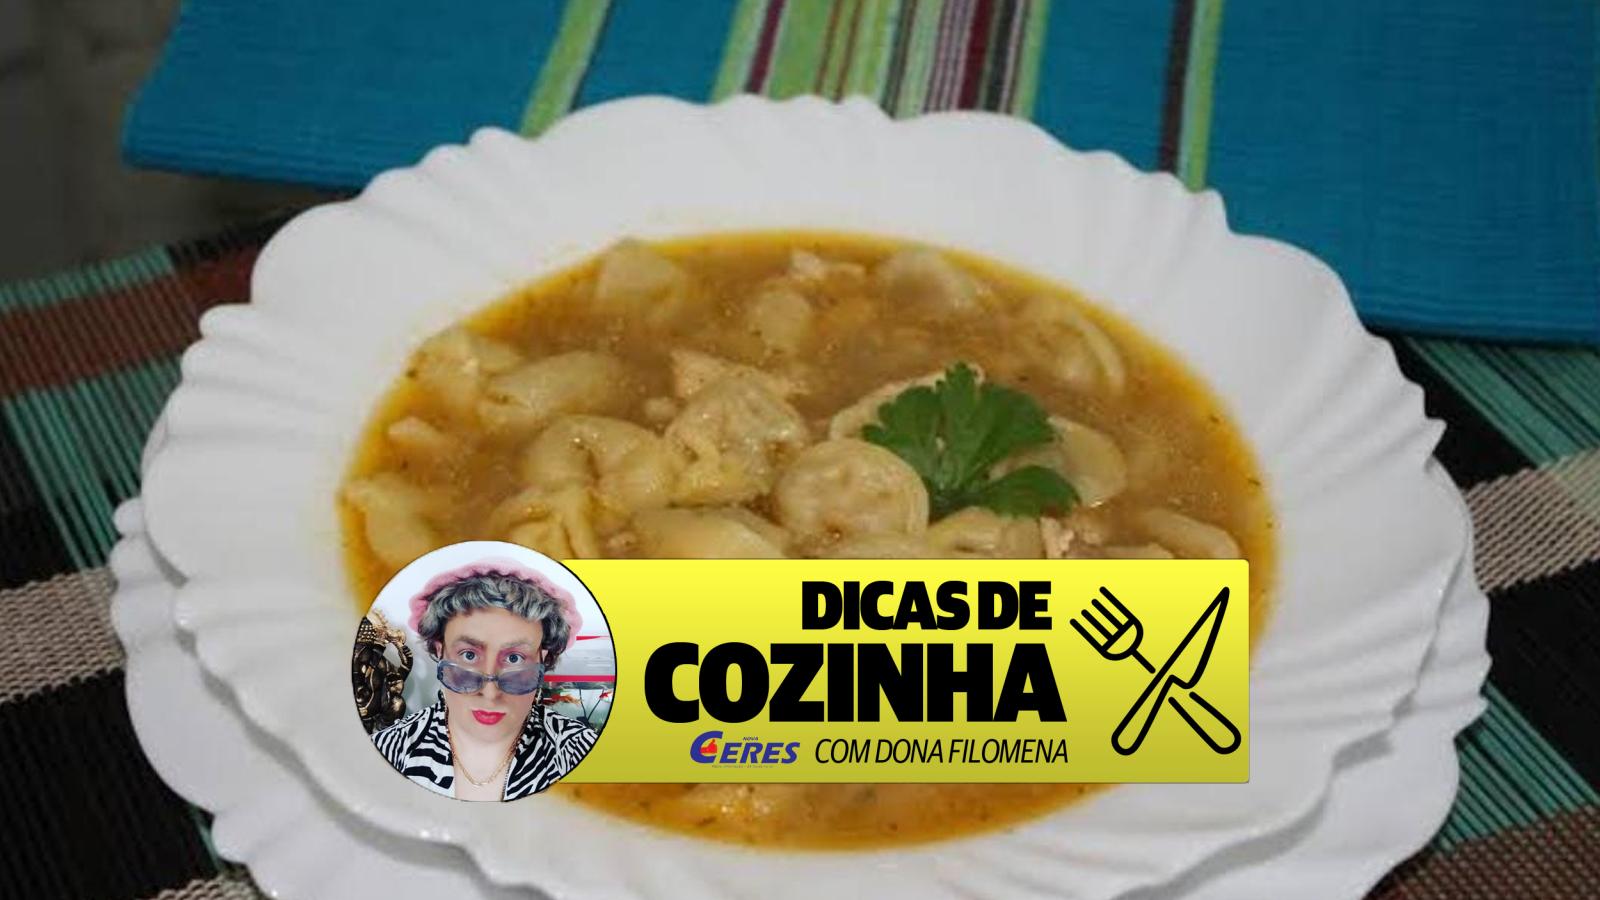 Dicas de Cozinha 23/04: Sopa de capeletti com ovo